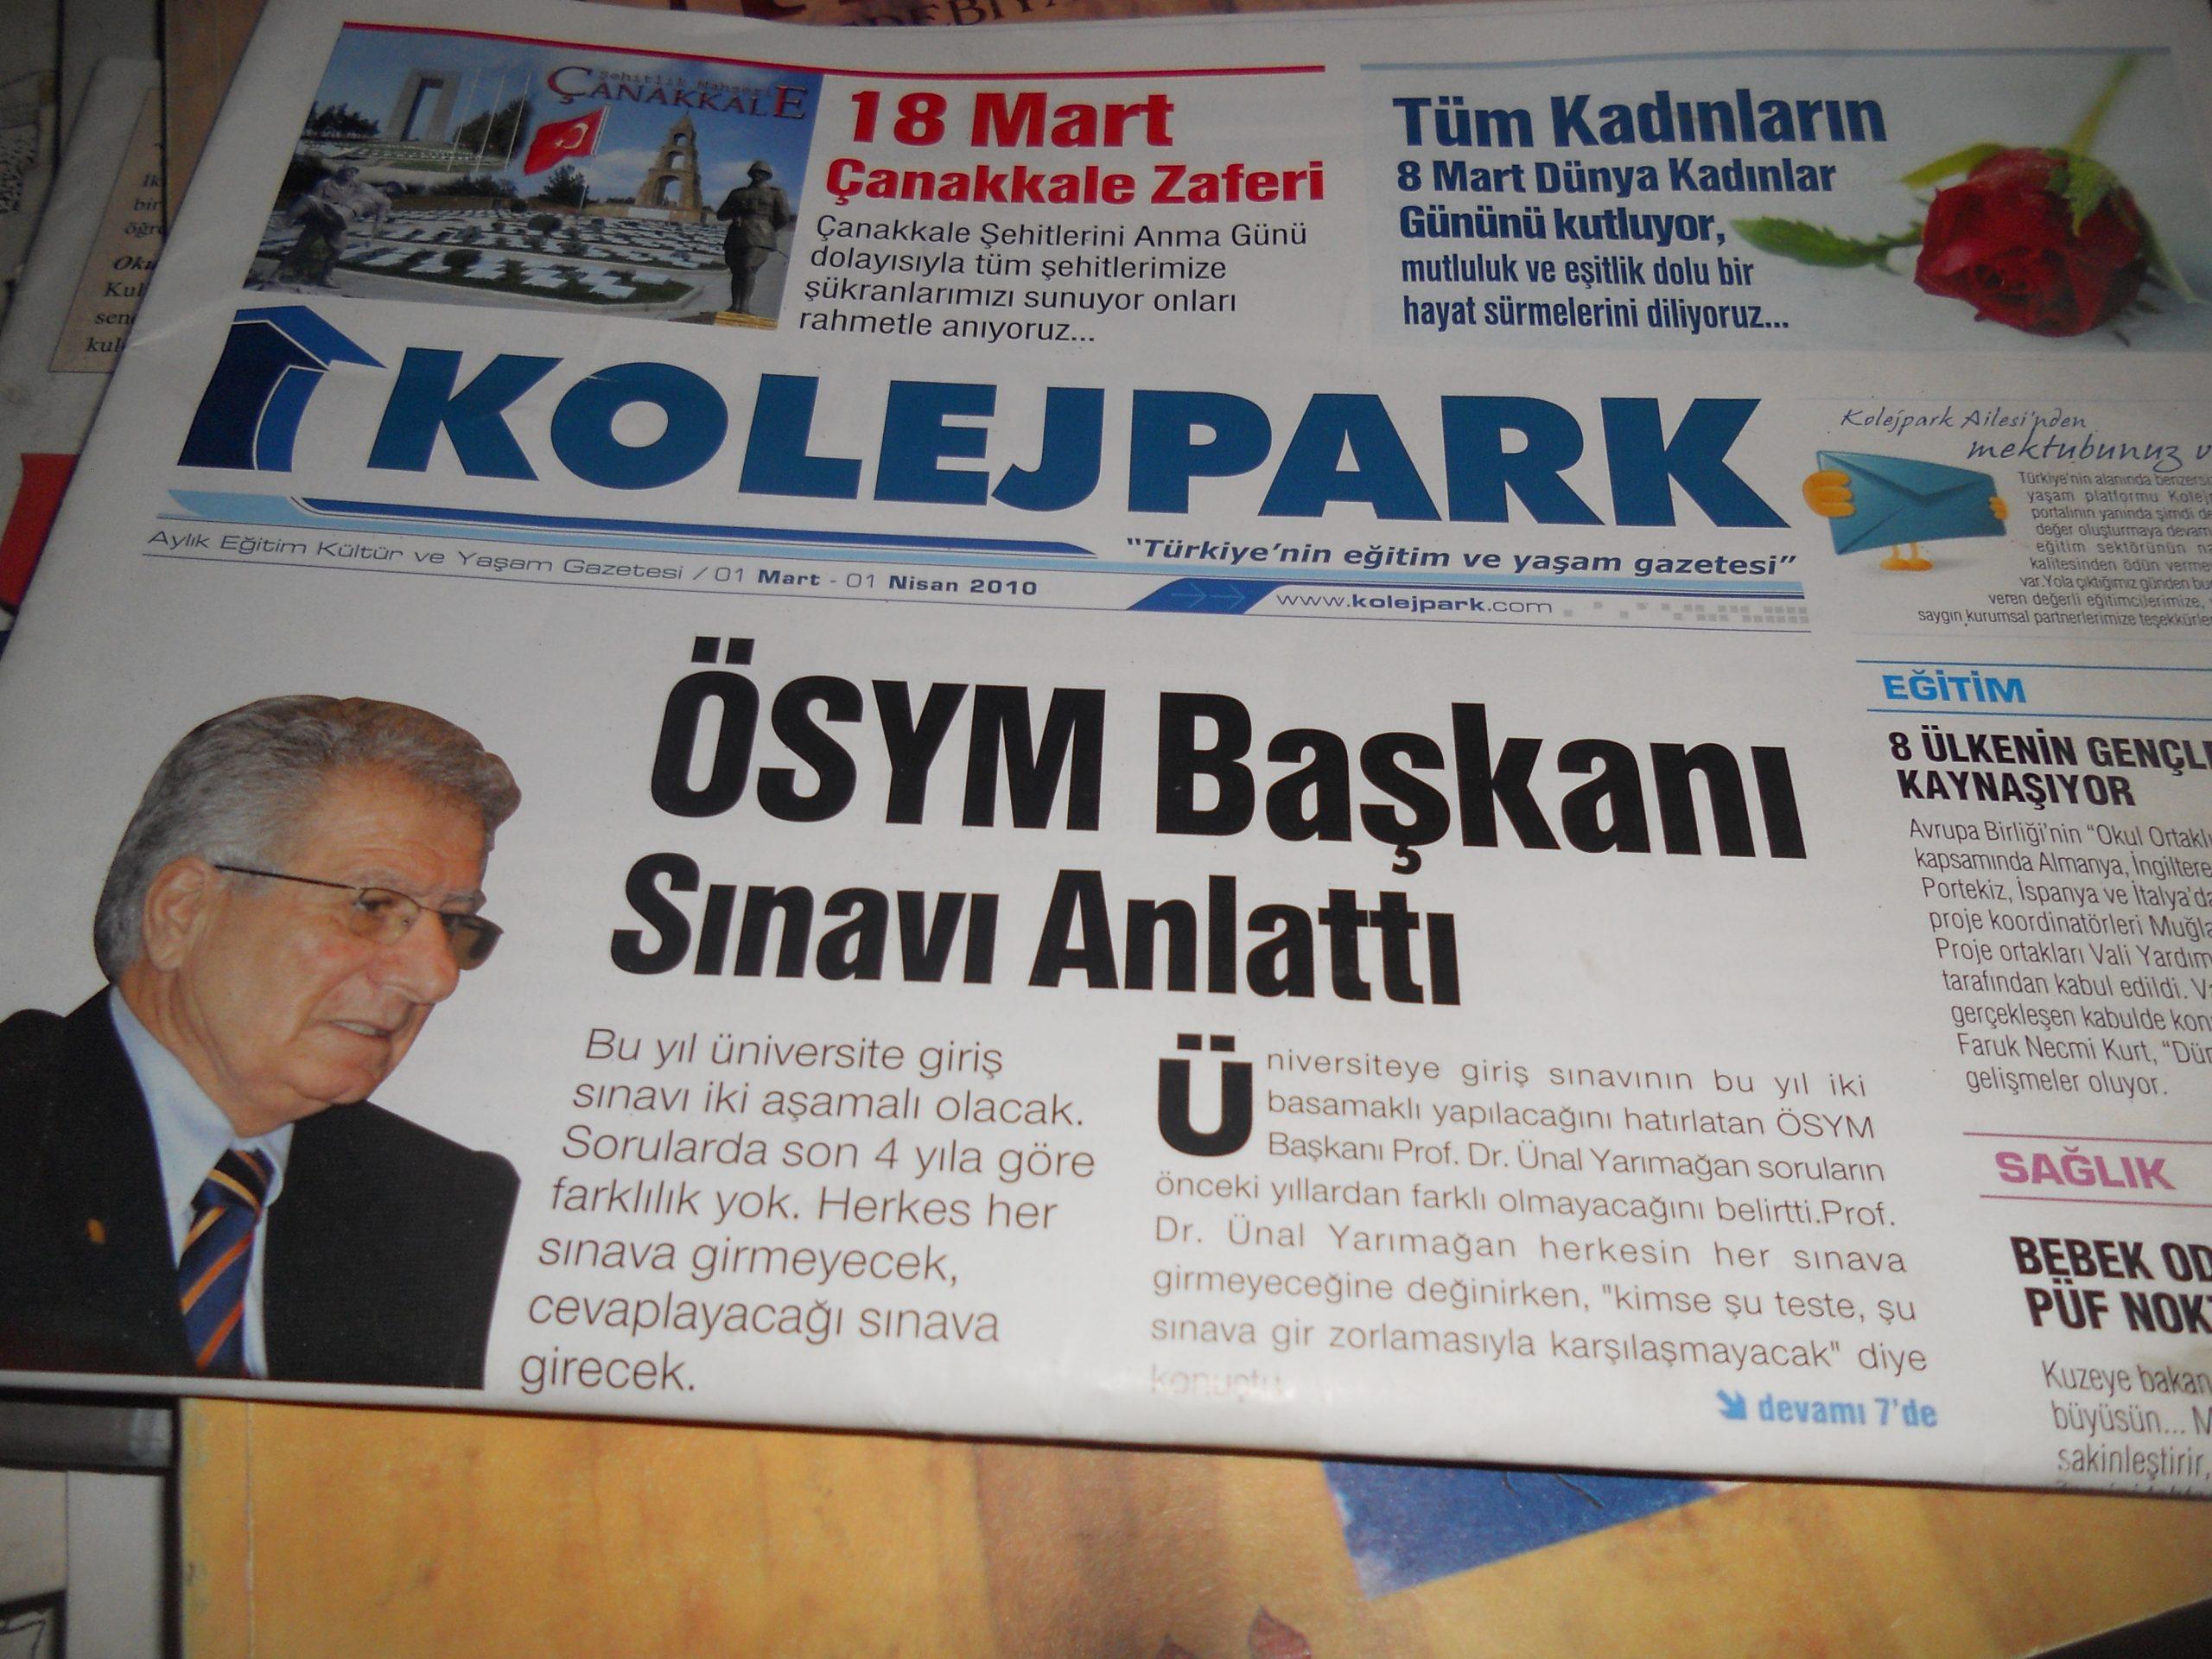 KOLEJPARK(aylık eğitim kültür ve yaşam  gazetesi)Hzrn 2010 / 5 tl